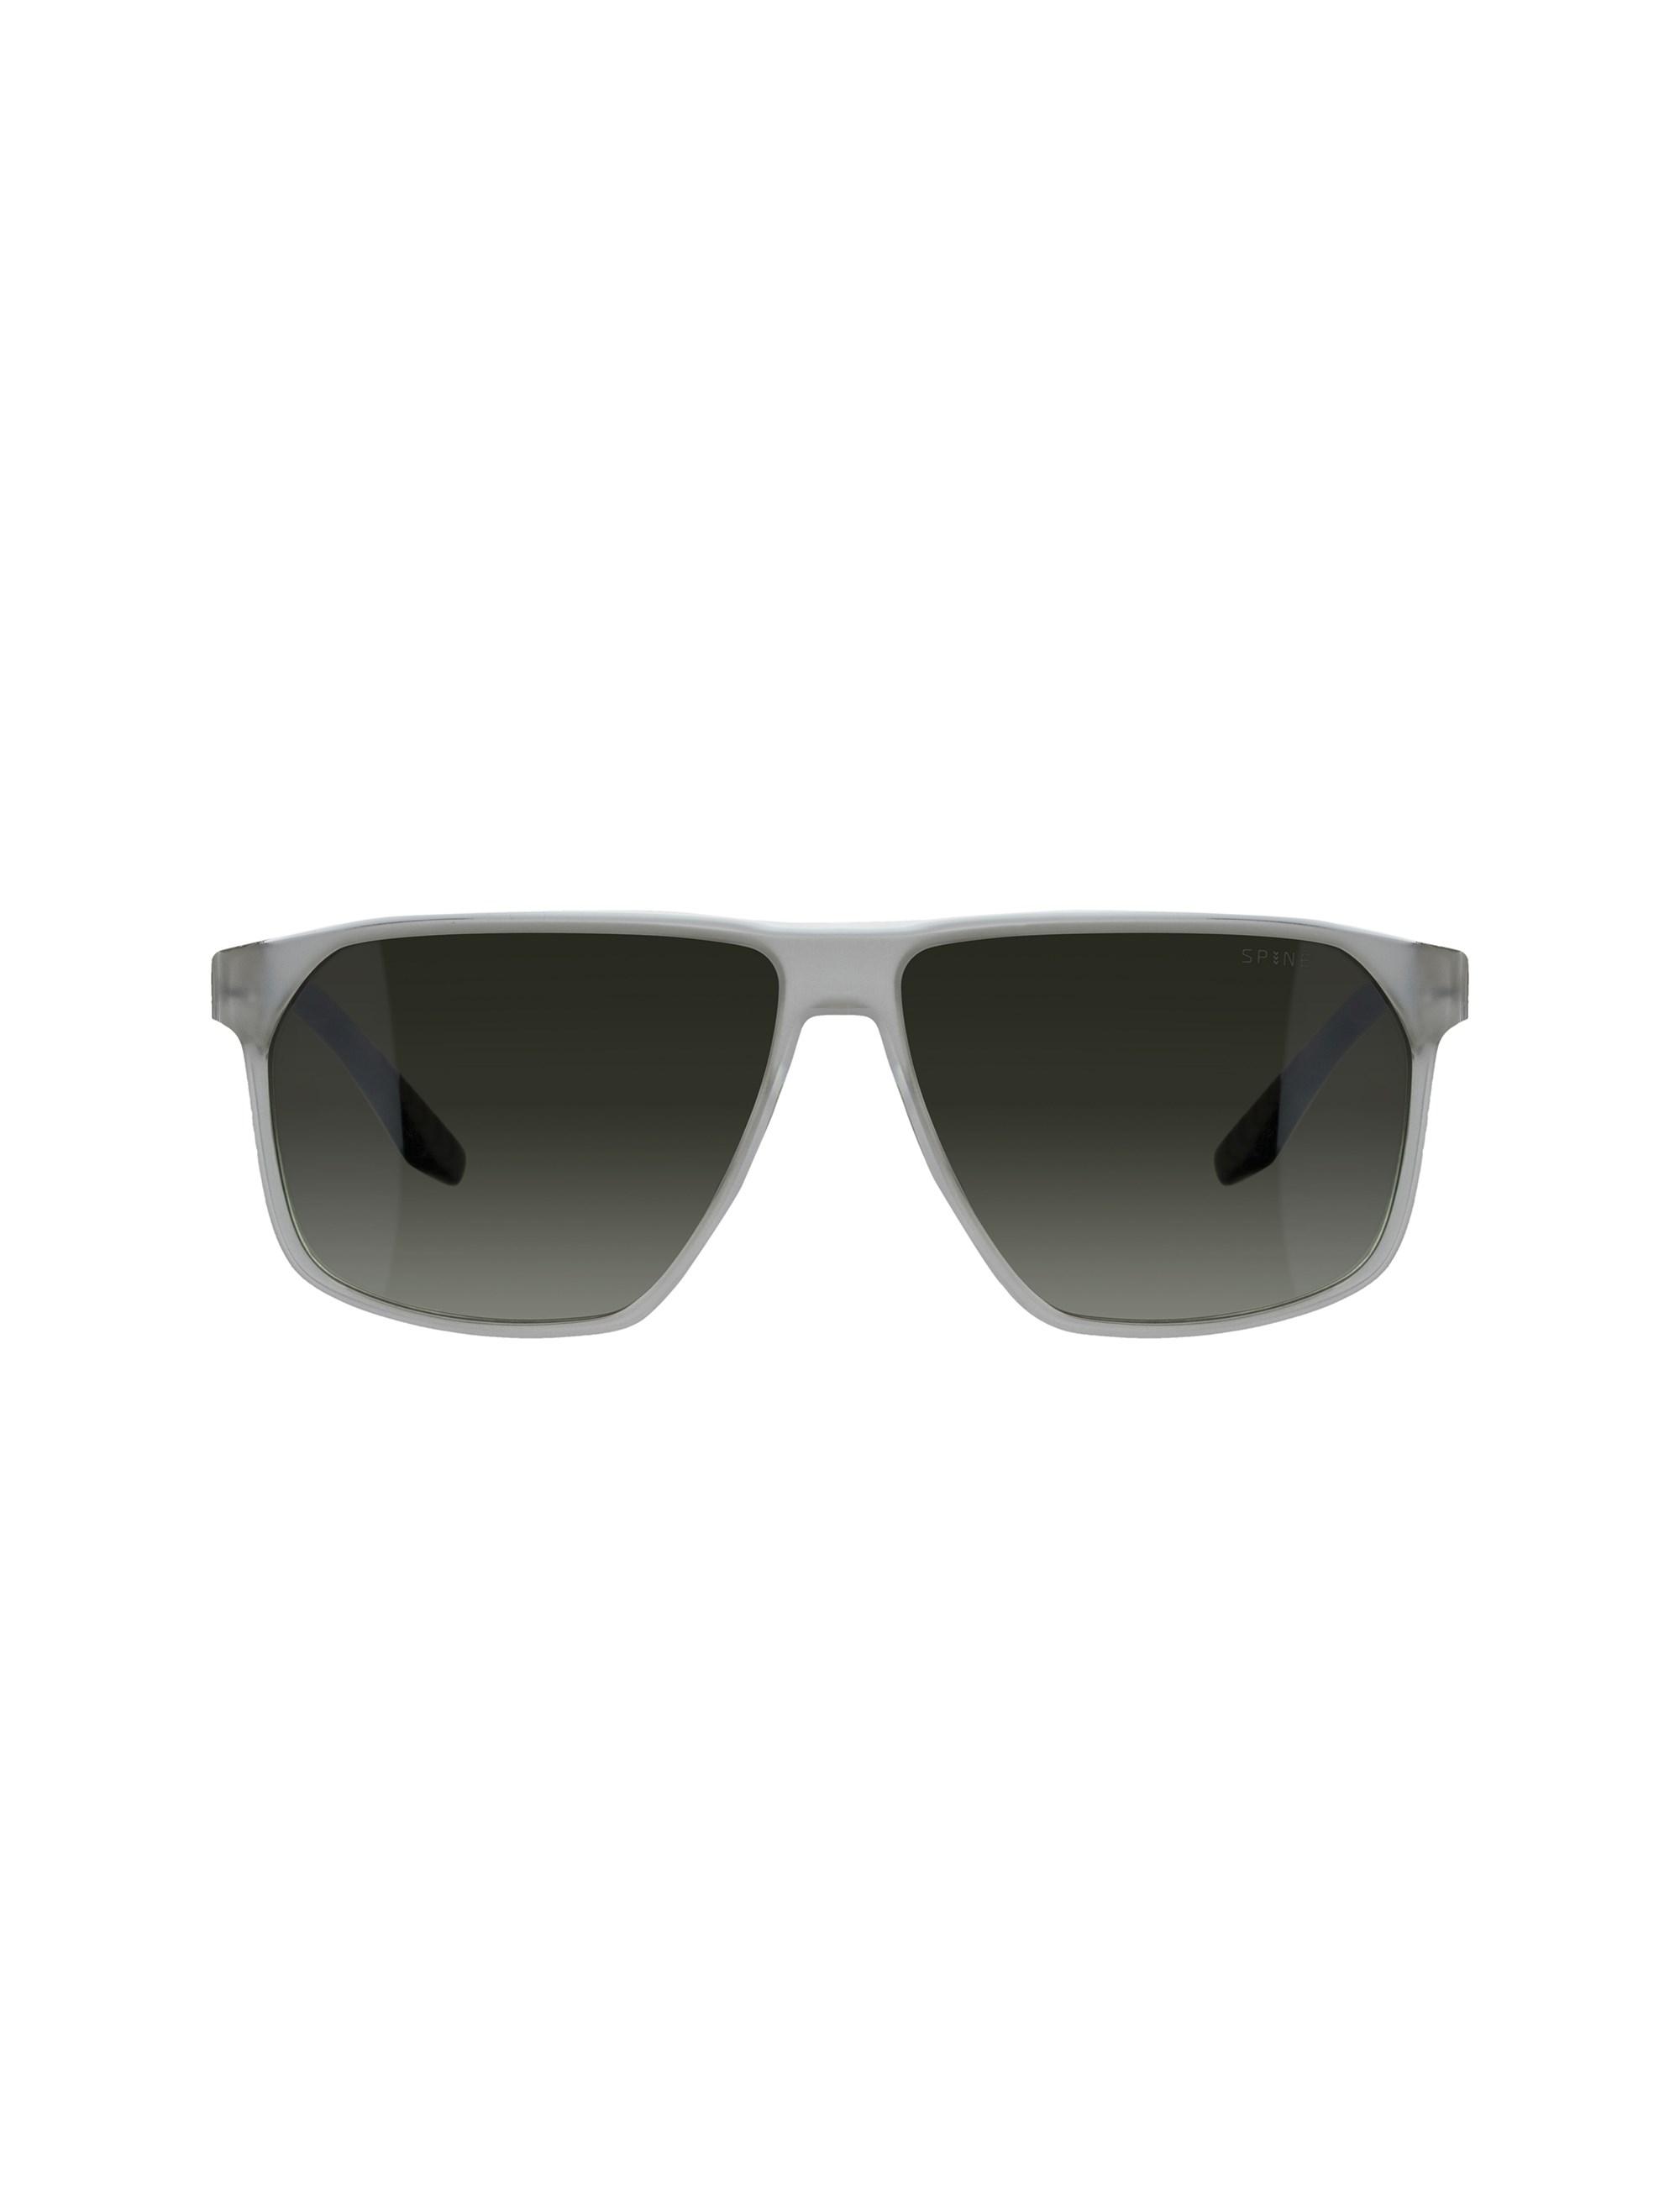 عینک آفتابی خلبانی مردانه - اسپاین - بي رنگ - 1